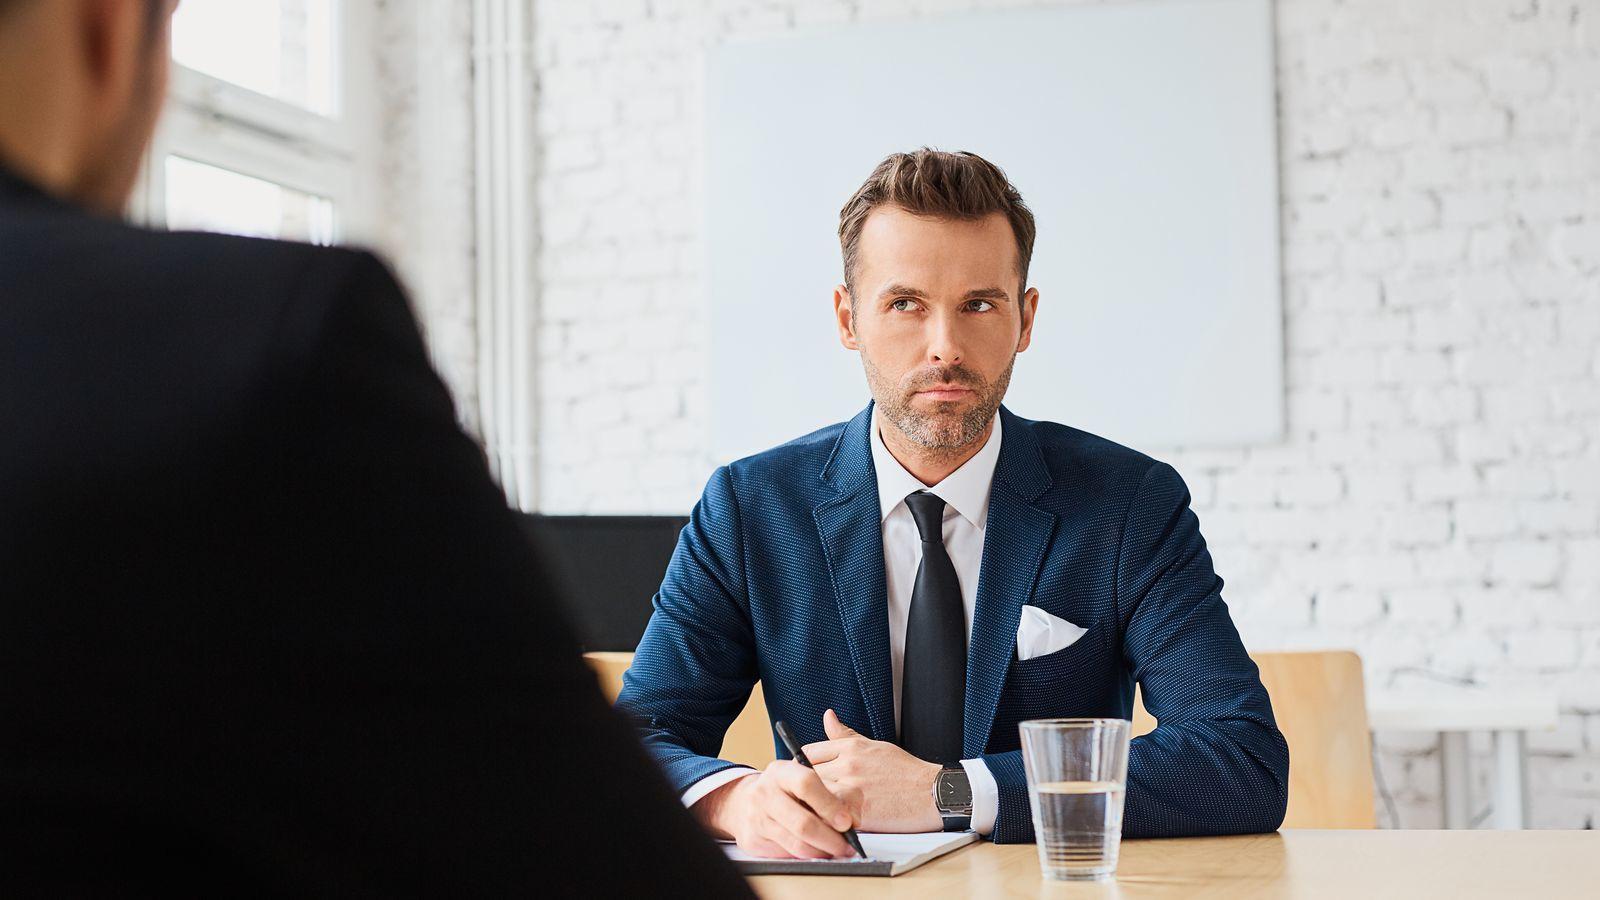 Πως να πετύχεις στην επόμενη συνέντευξη σου για δουλειά